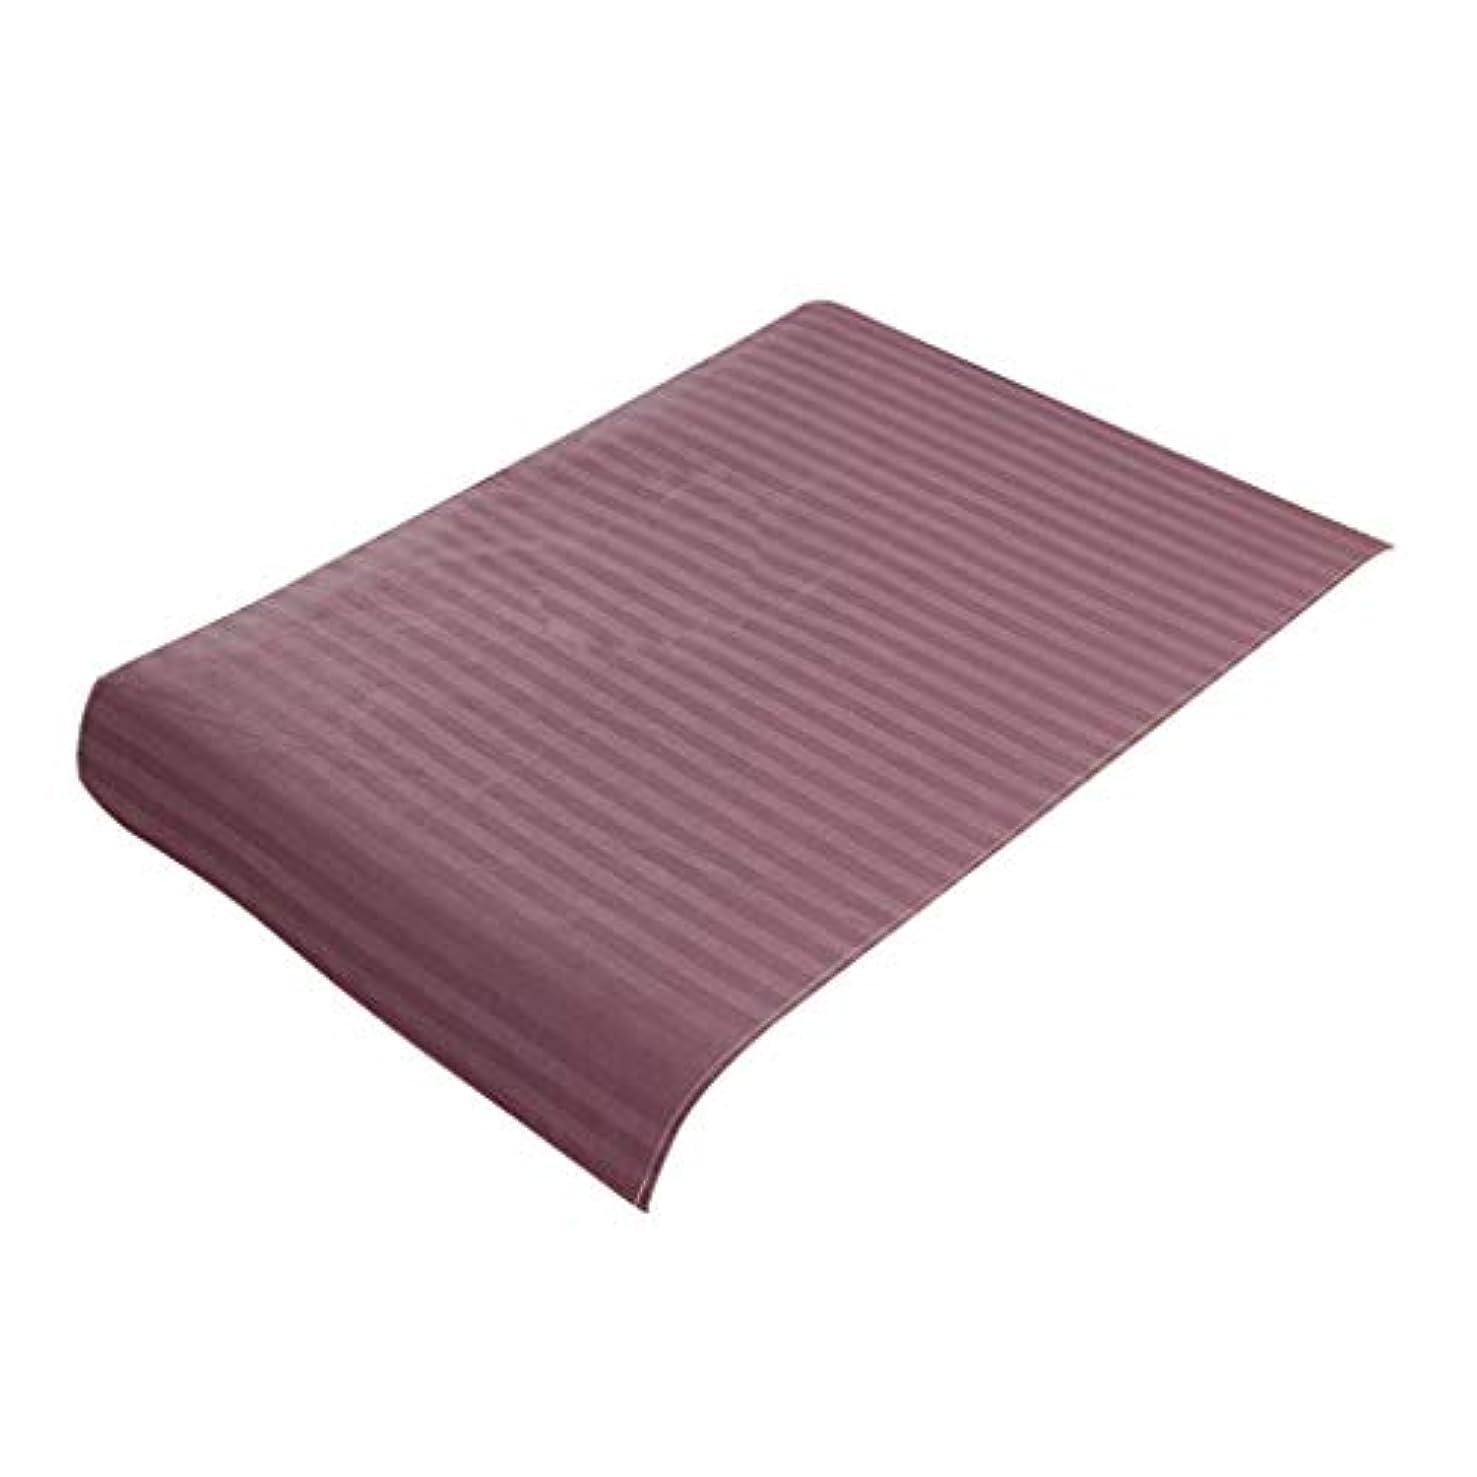 理容師氏早いFLAMEER 美容ベッドカバー マッサージ台スカート コットン生地 スパ マッサージベッドカバー 全7色 - 紫